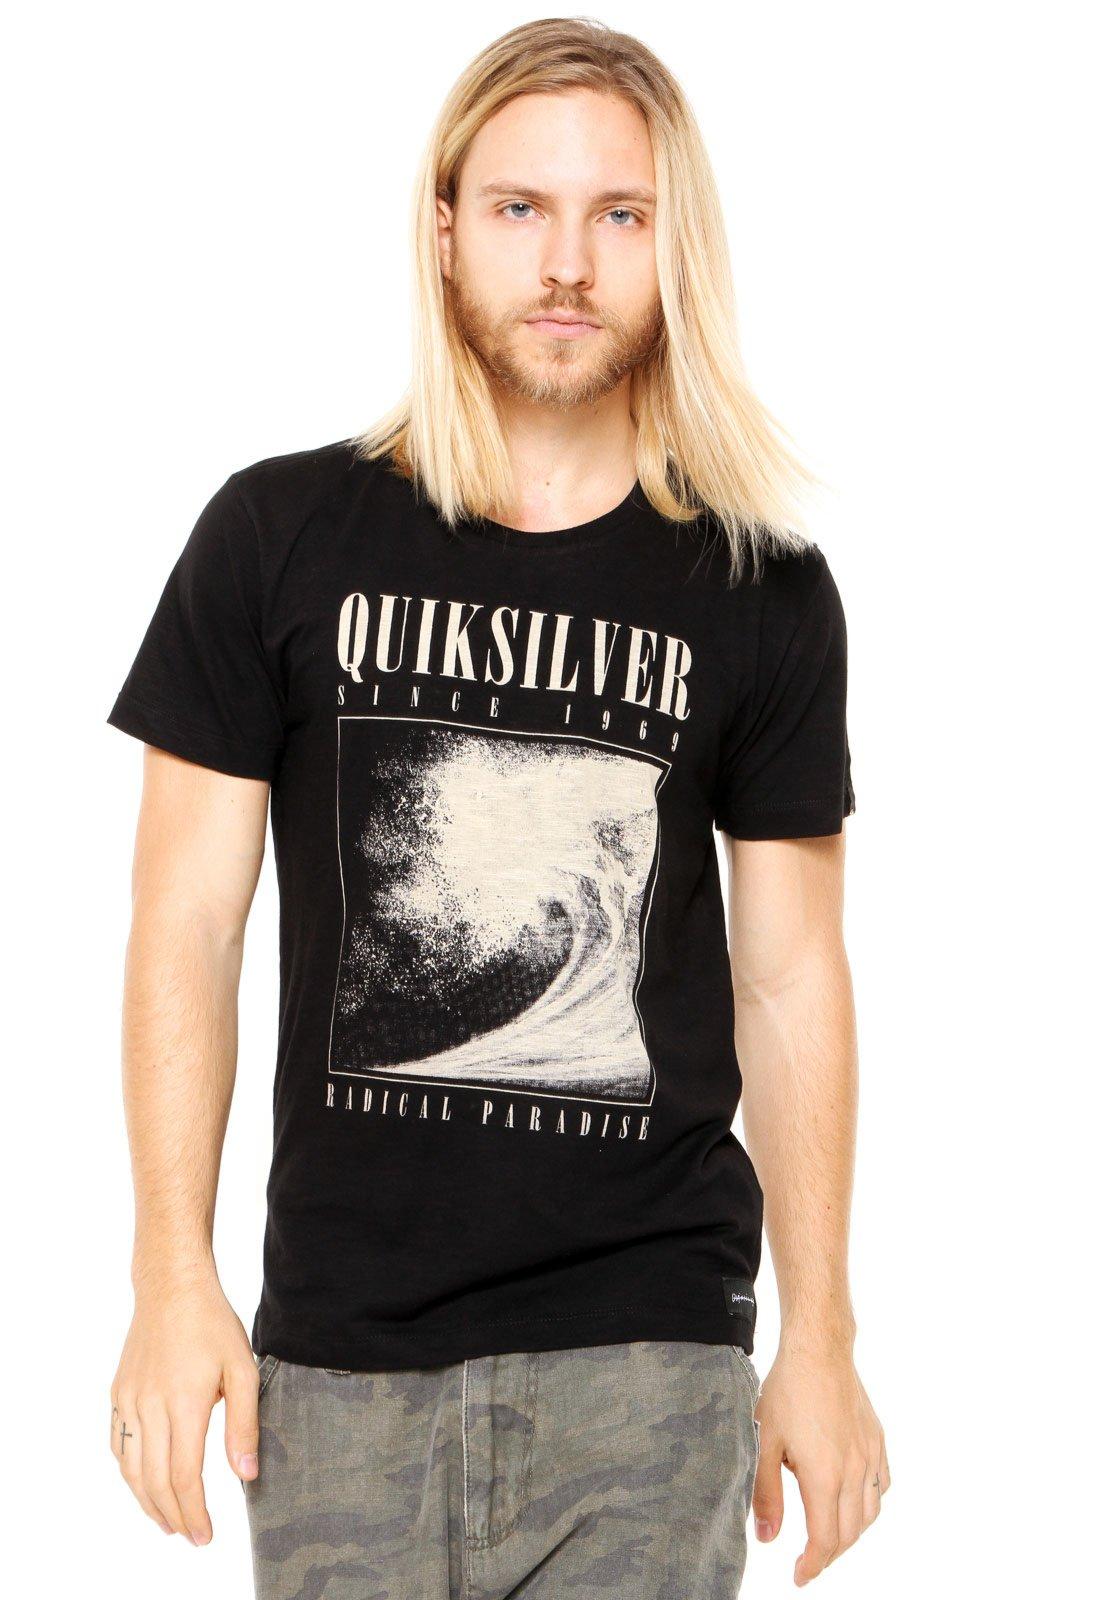 Camiseta Quiksilver Both Preta - Marca Quiksilver ... 75c1b7f99c0